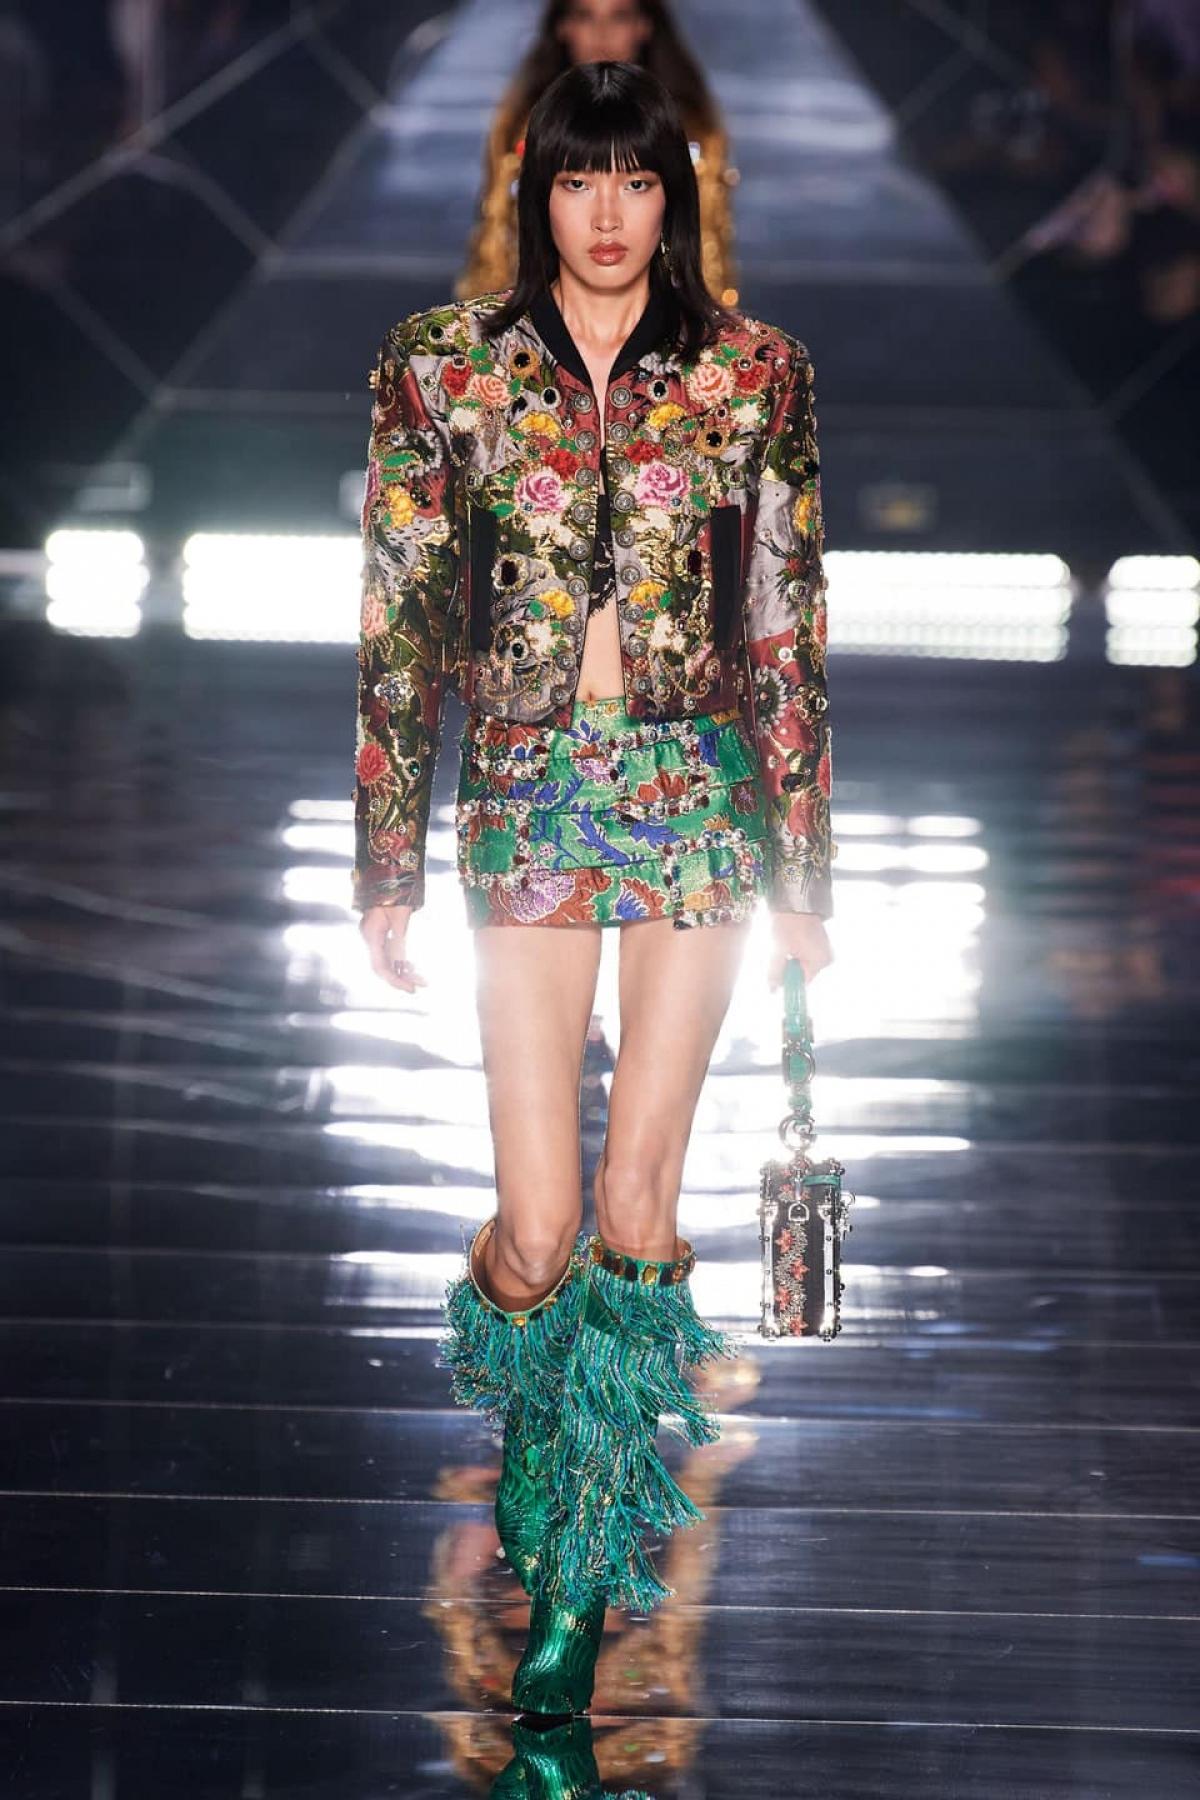 Phương Oanh toả sáng trong thiết kế của nhà mốtDolce & Gabbana.